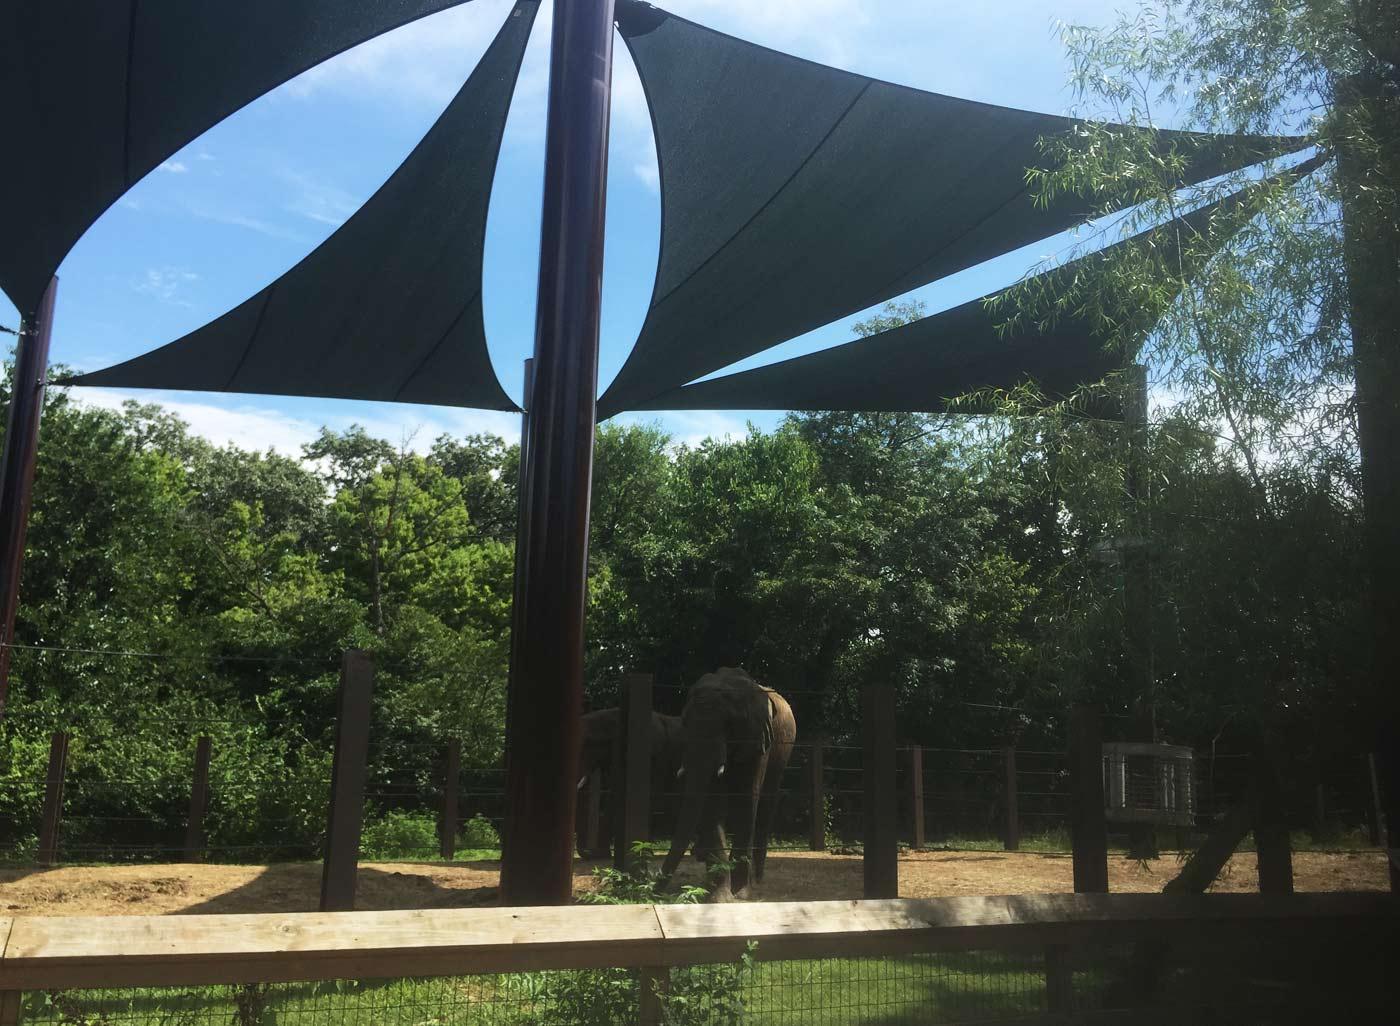 SkyWays zoo shade